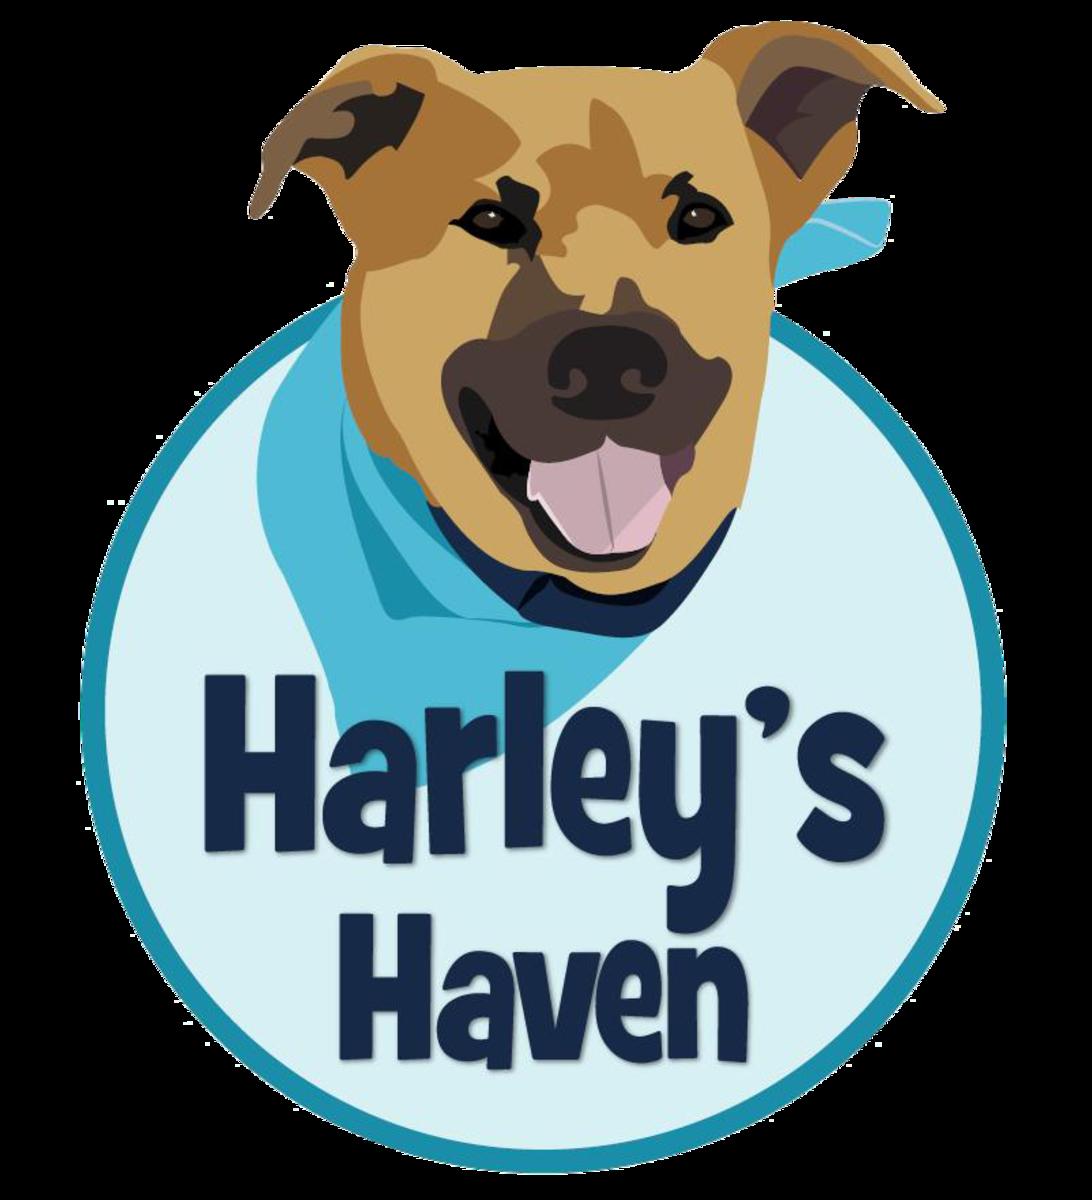 Harleys Haven